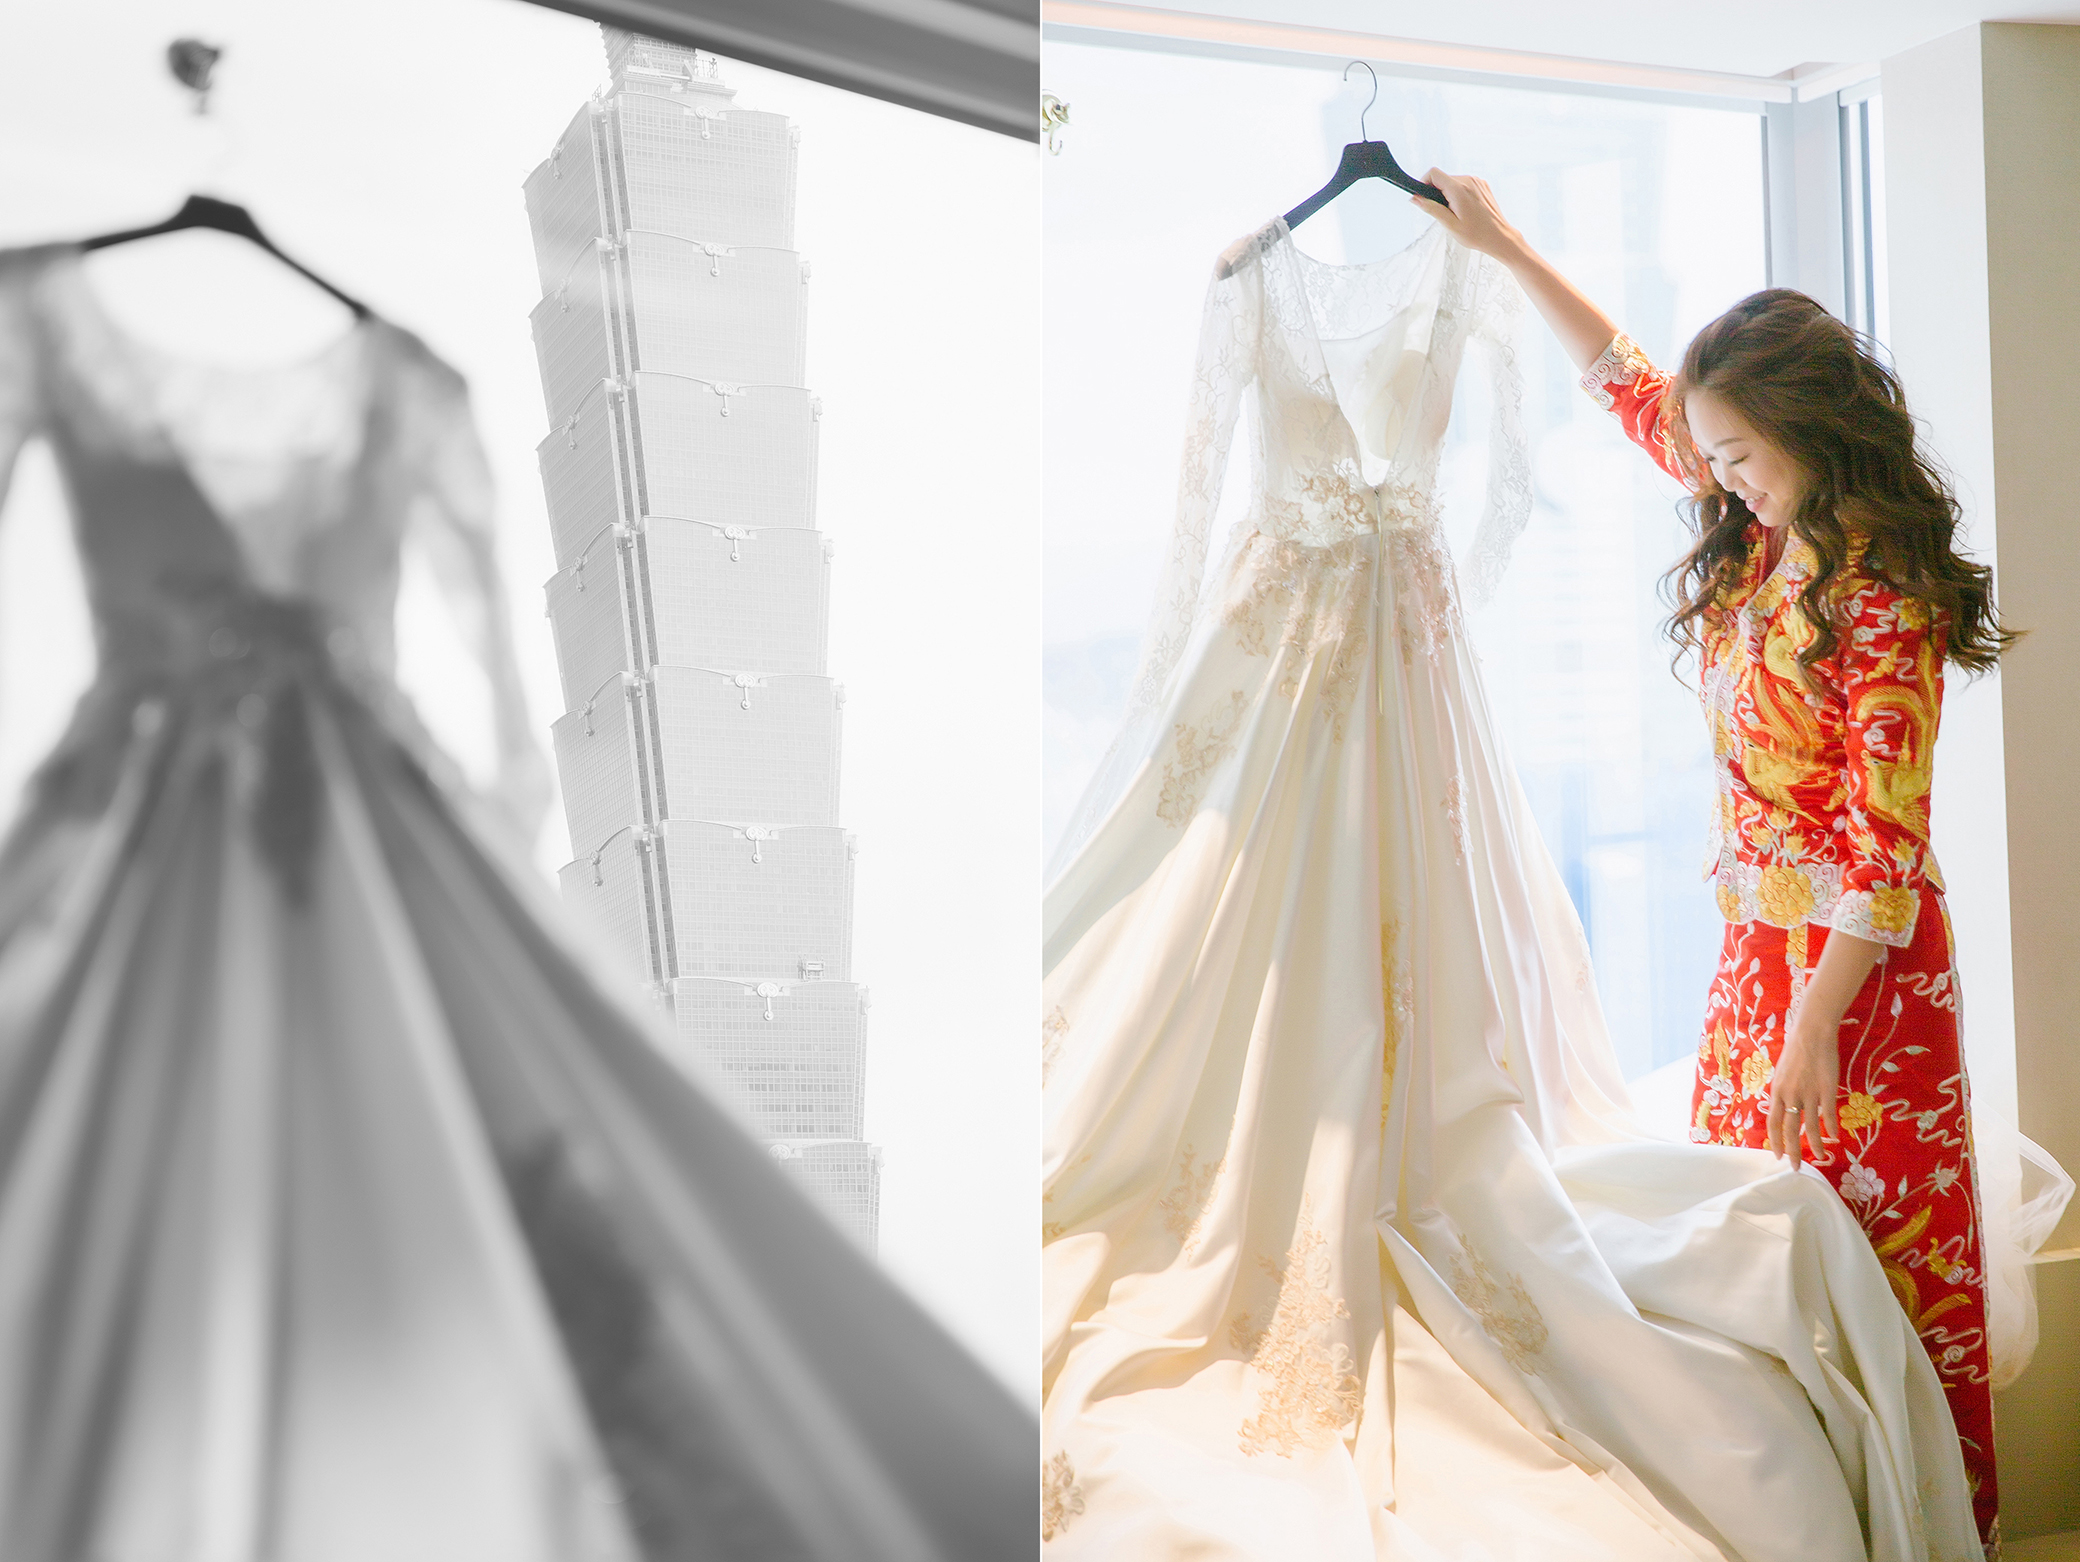 nickchang-wedding-%e5%af%92%e8%88%8d%e8%89%be%e9%ba%97-fineart-30